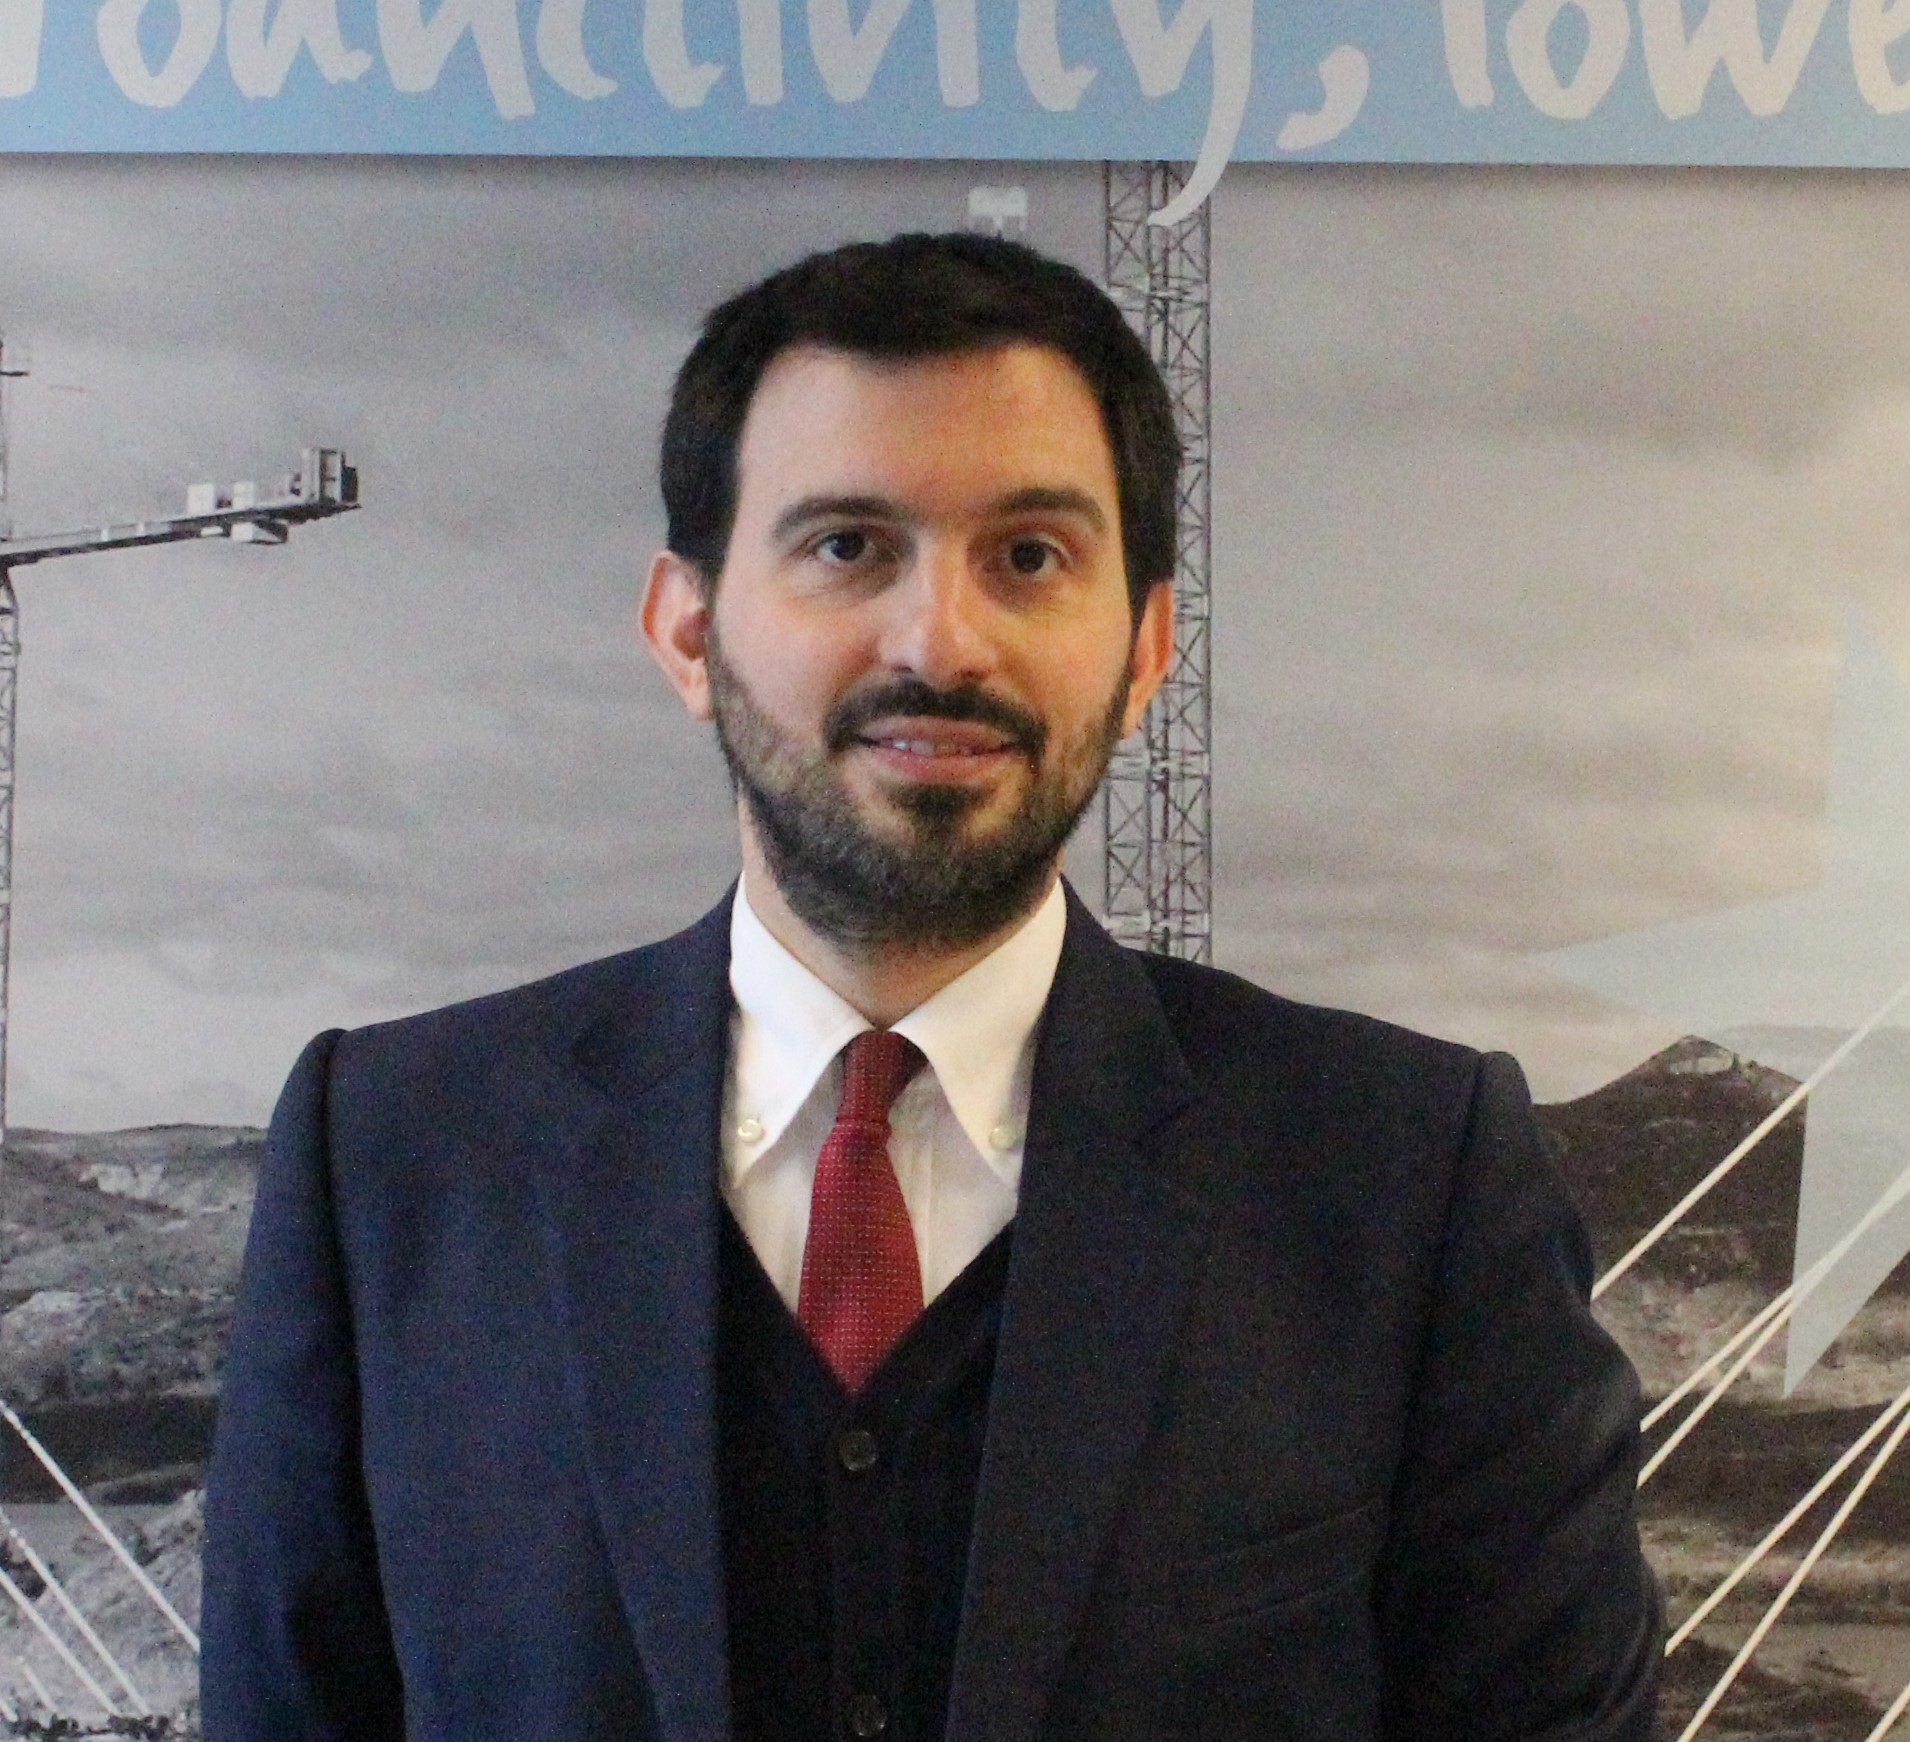 Riccardo Viaggi è il nuovo segretario del CECE -  -Notizie - MC5.0-Macchine Cantieri